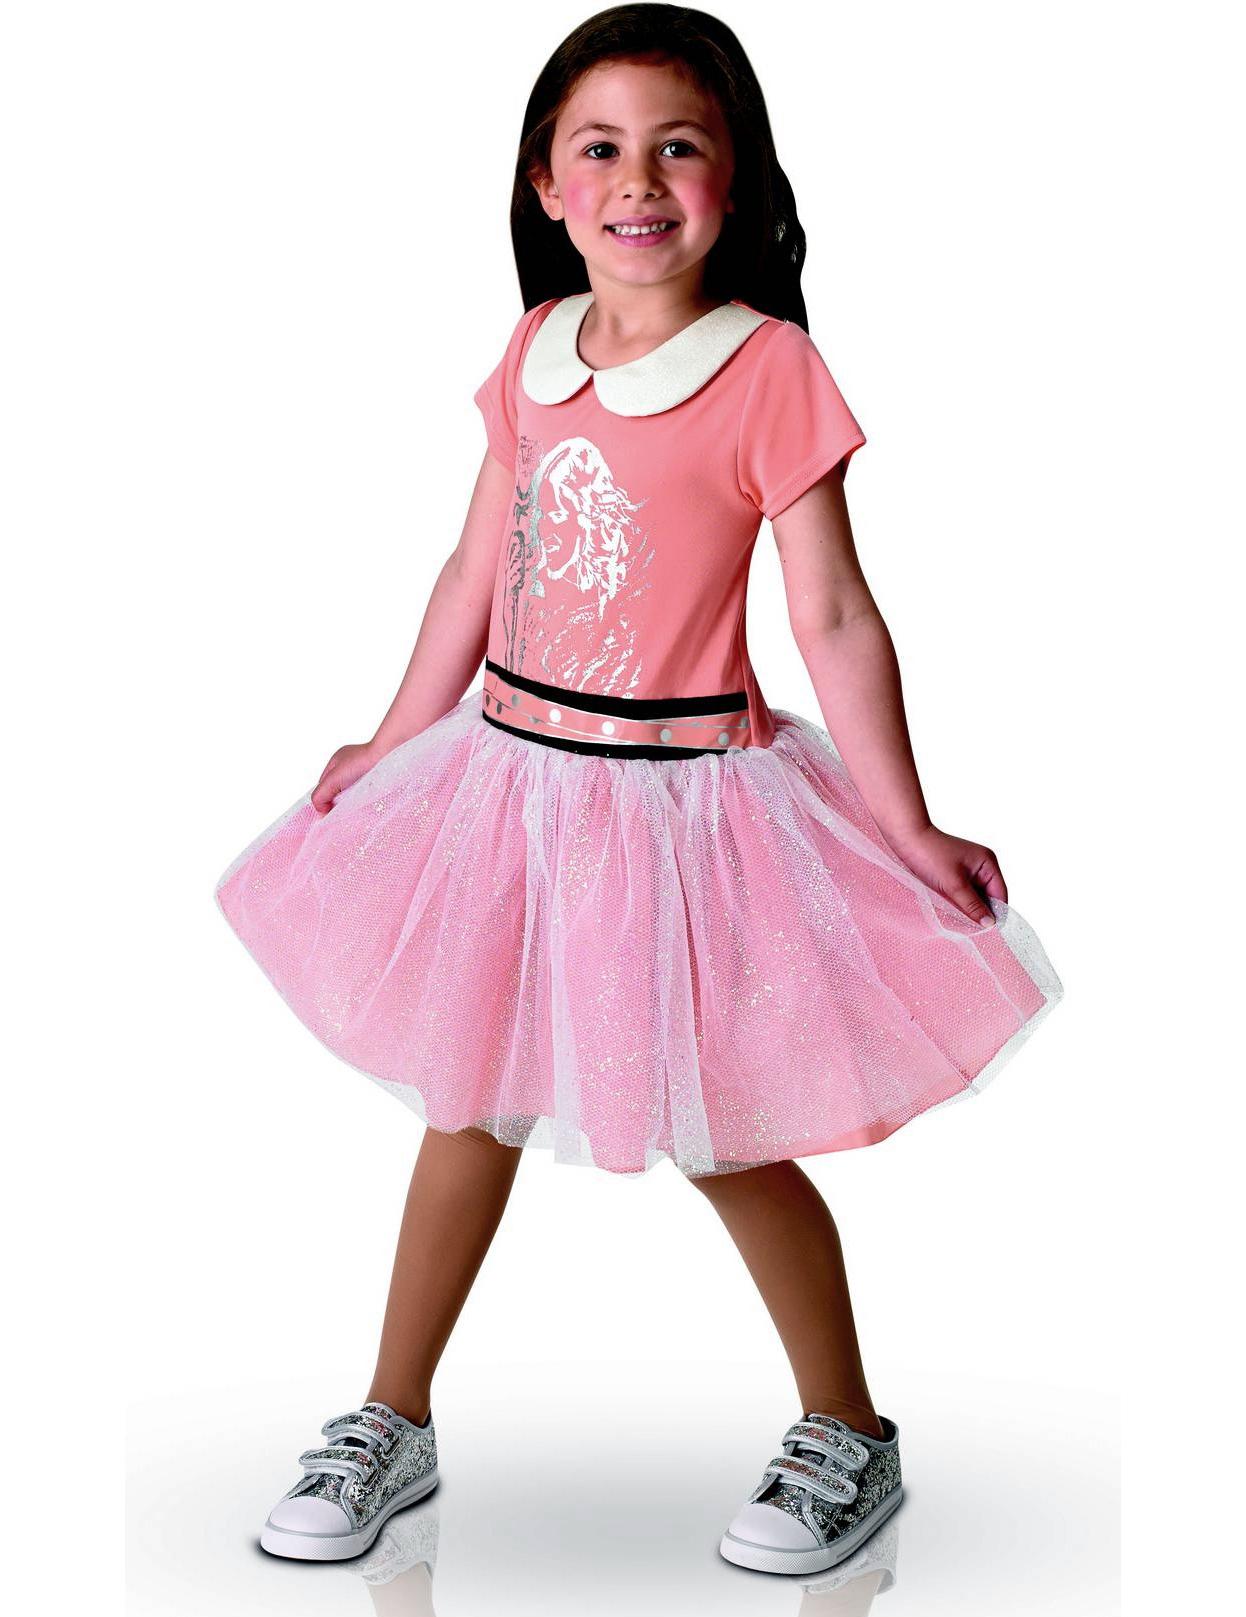 meticolosi processi di tintura bambino molti alla moda Costume Violetta™bambina: Costumi bambini,e vestiti di carnevale ...